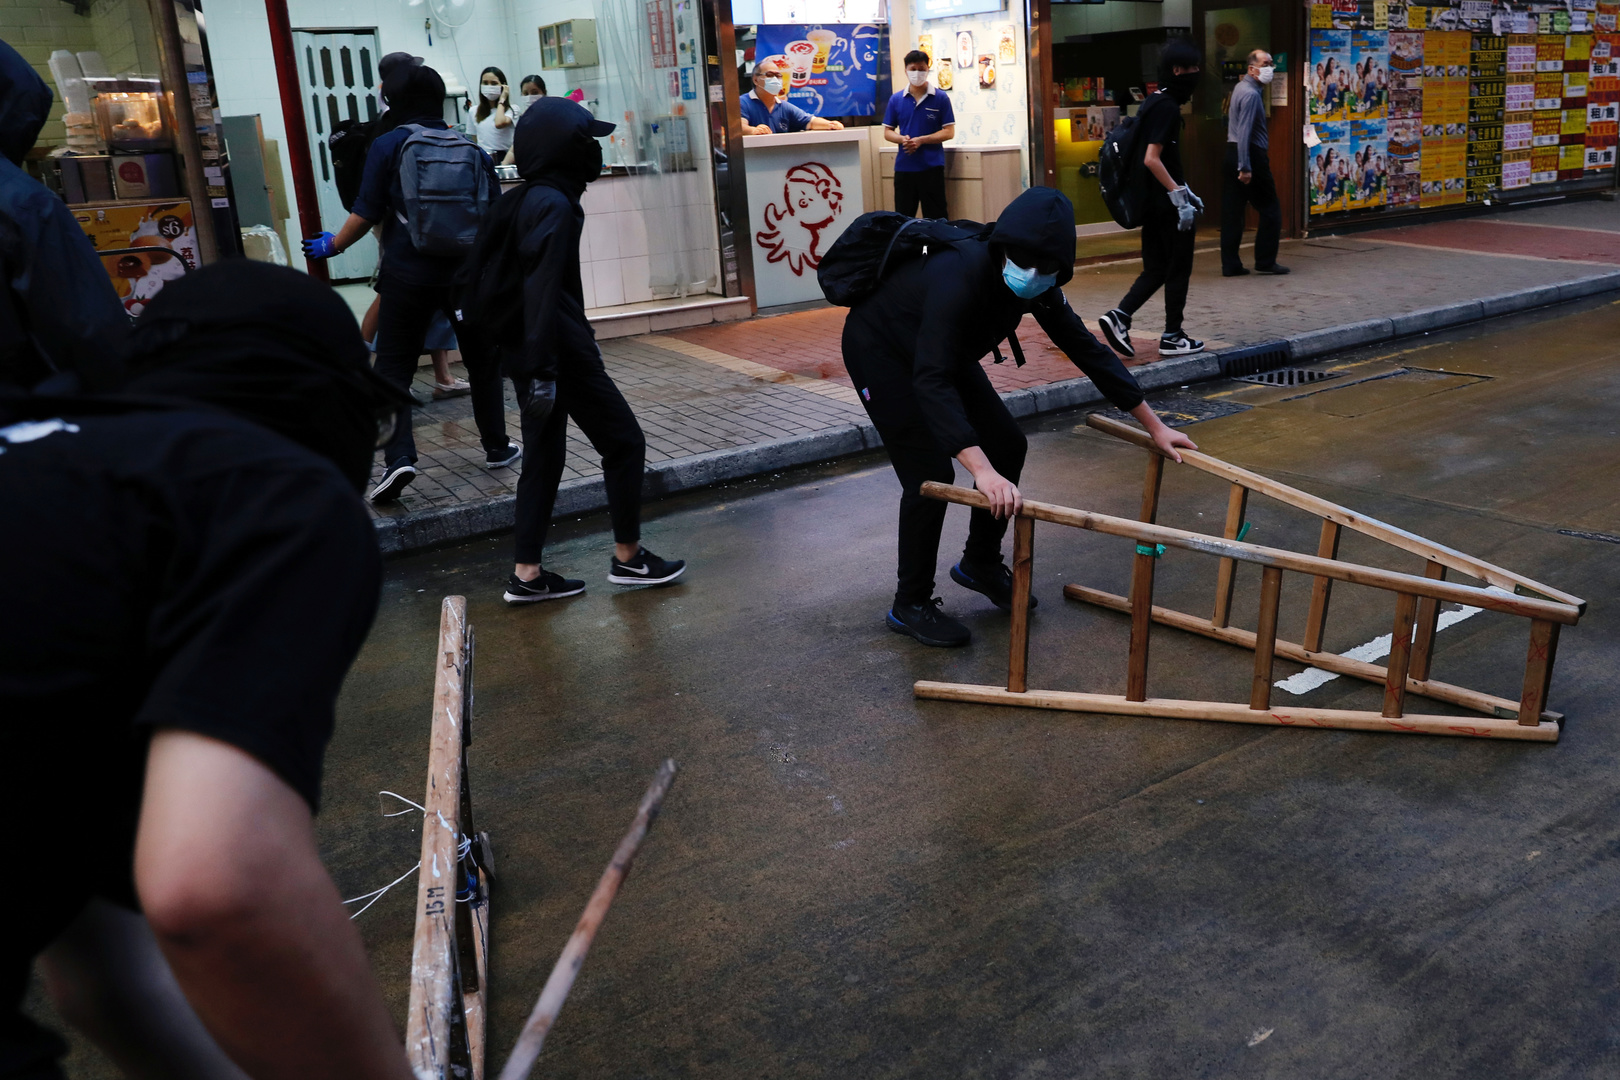 Proteste in Hongkong gehen weiter – Polizei löst Muttertag-Flashmobs auf